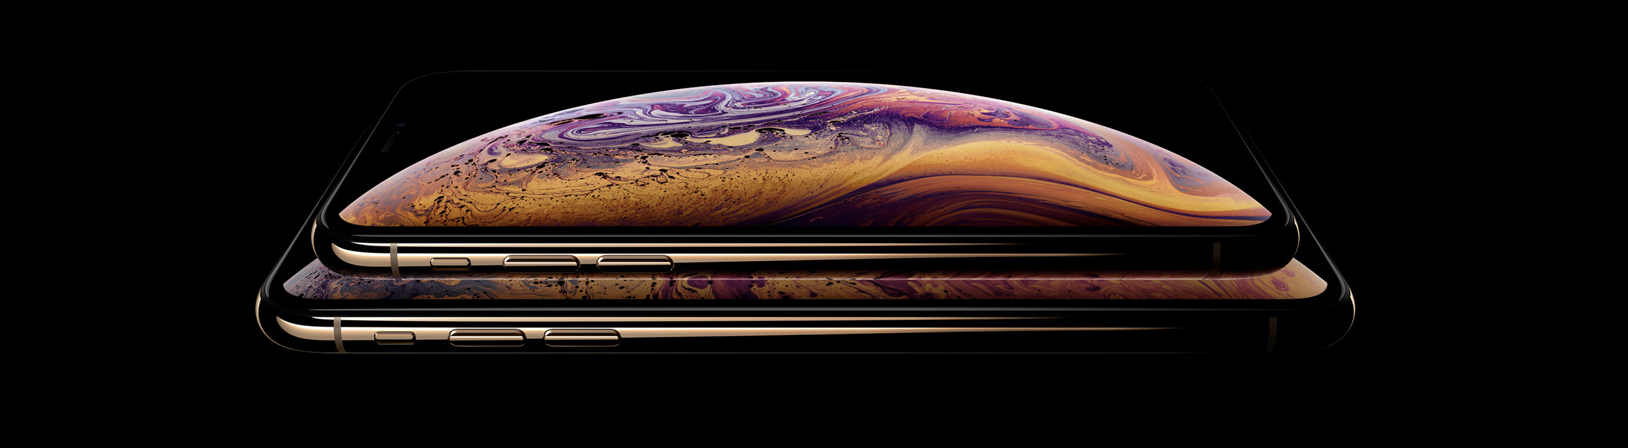 iPhone XS Max – la mia opinione